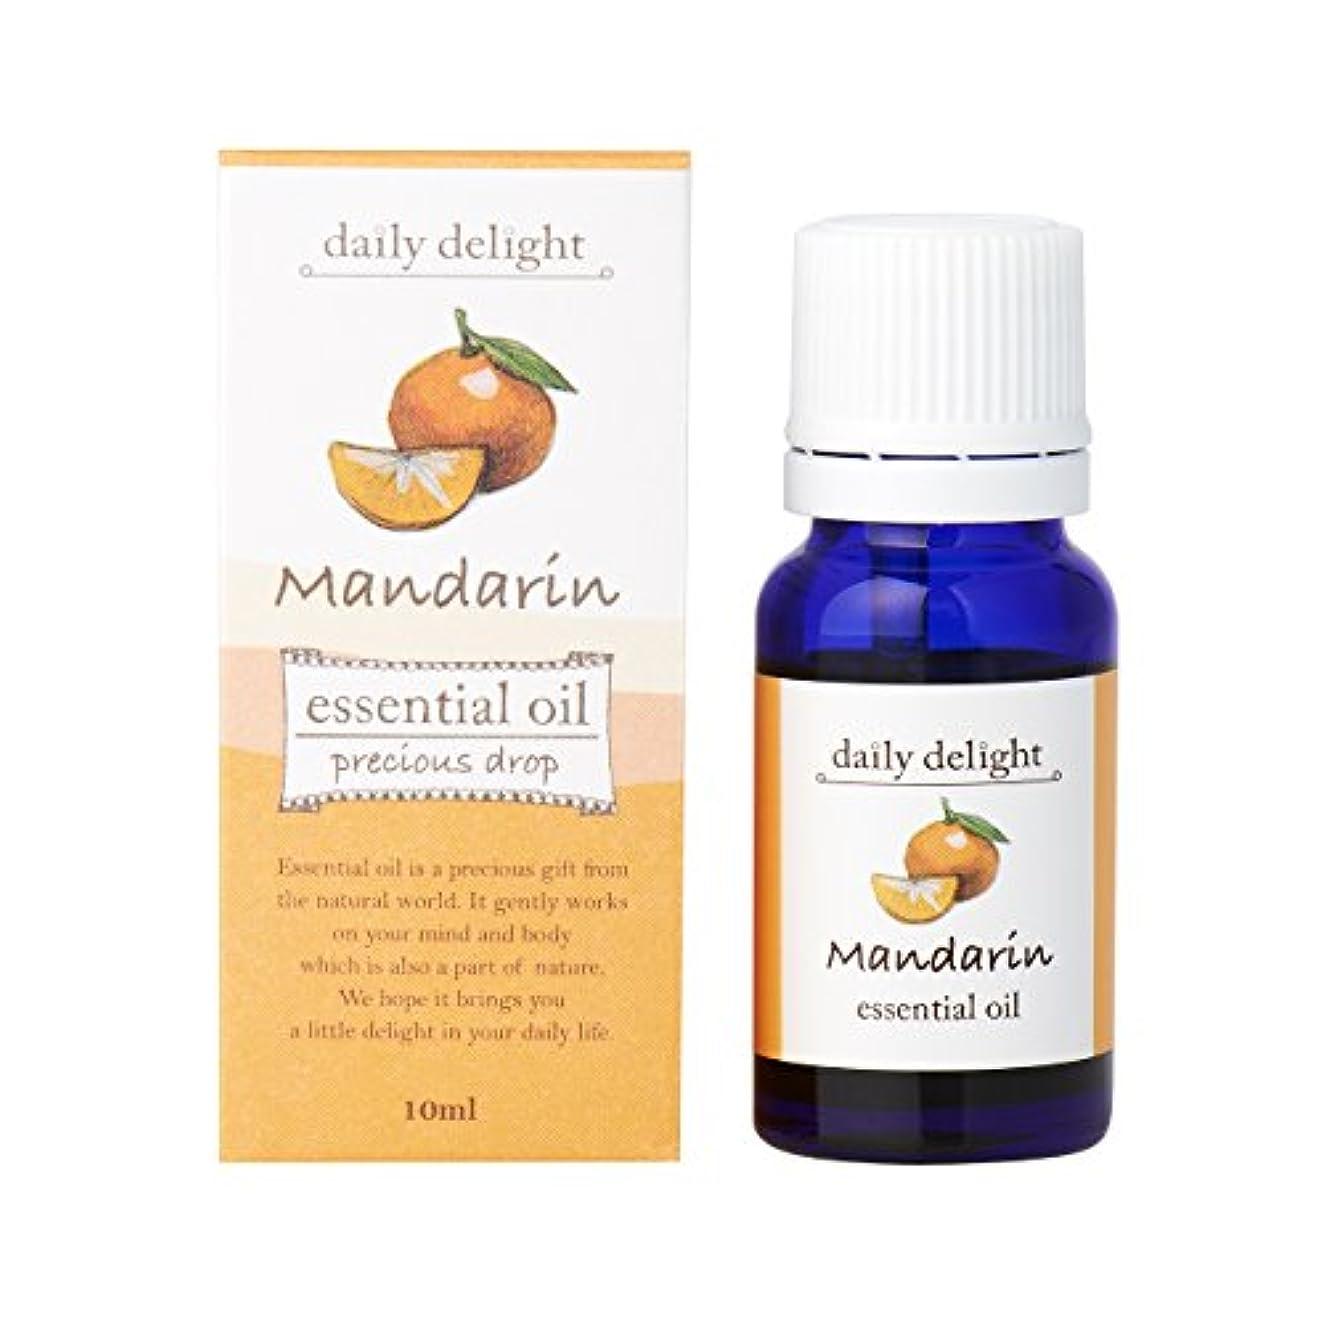 少数煙突クラブデイリーディライト エッセンシャルオイル  マンダリン 10ml(天然100% 精油 アロマ 柑橘系 オレンジに似ているがより穏やかで落ち着いた印象の香り)